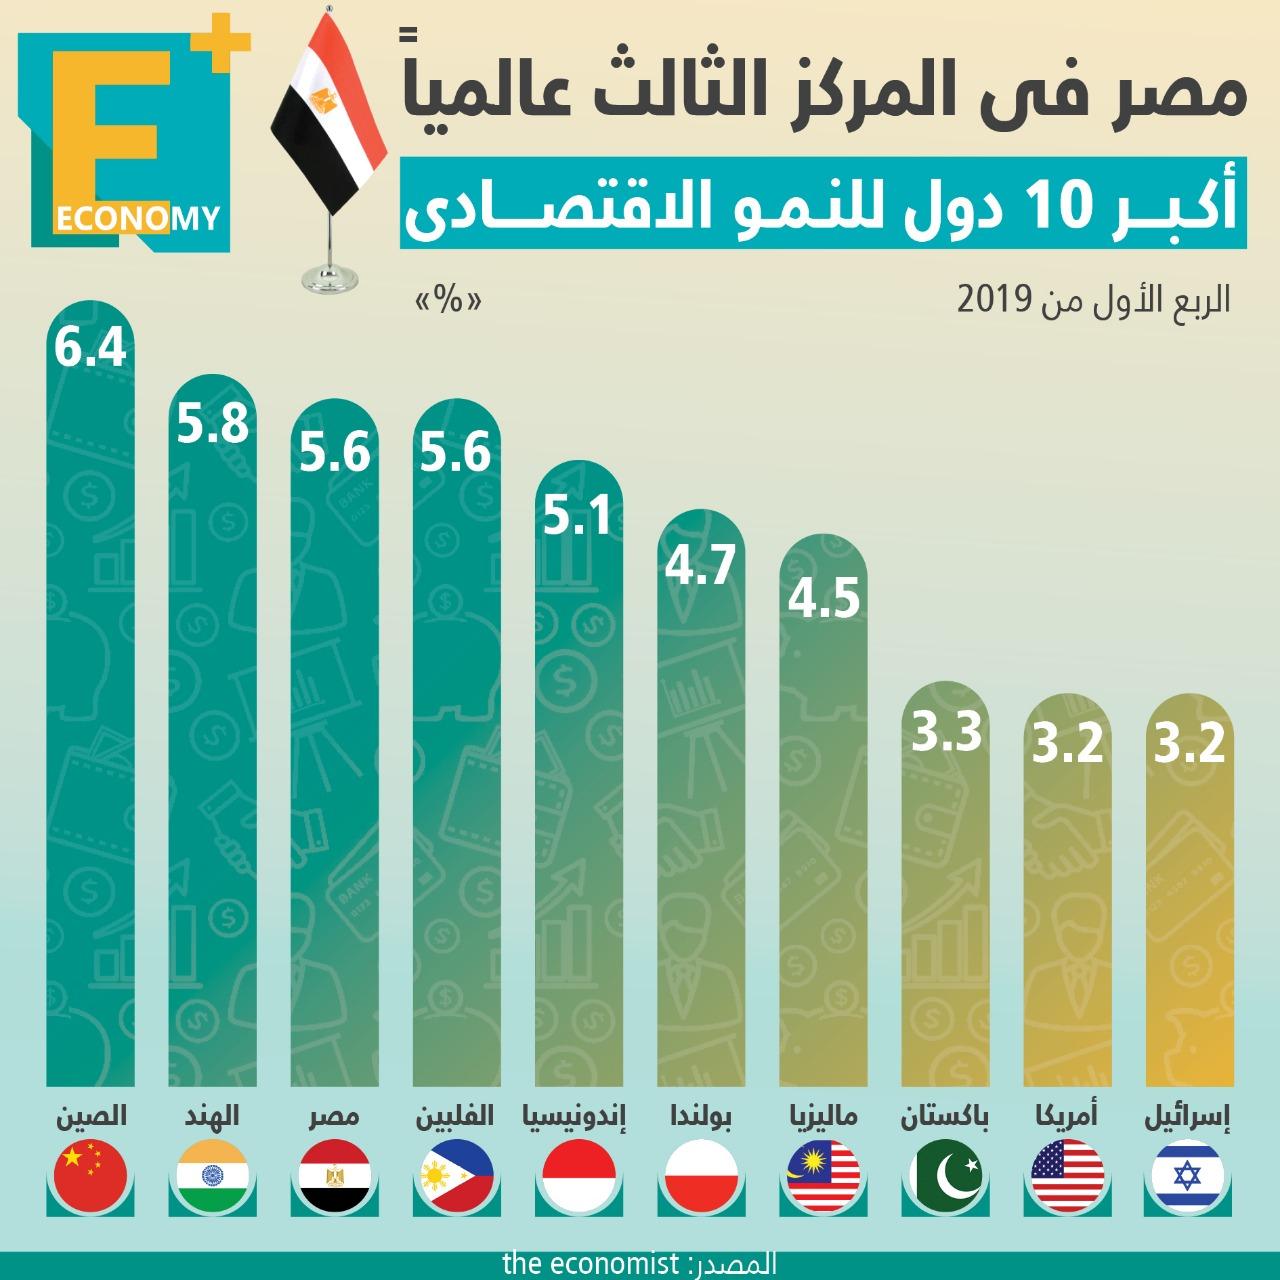 مصر الثالث عالميًا ضمن أكبر 10 دول للنمو الاقتصادي.